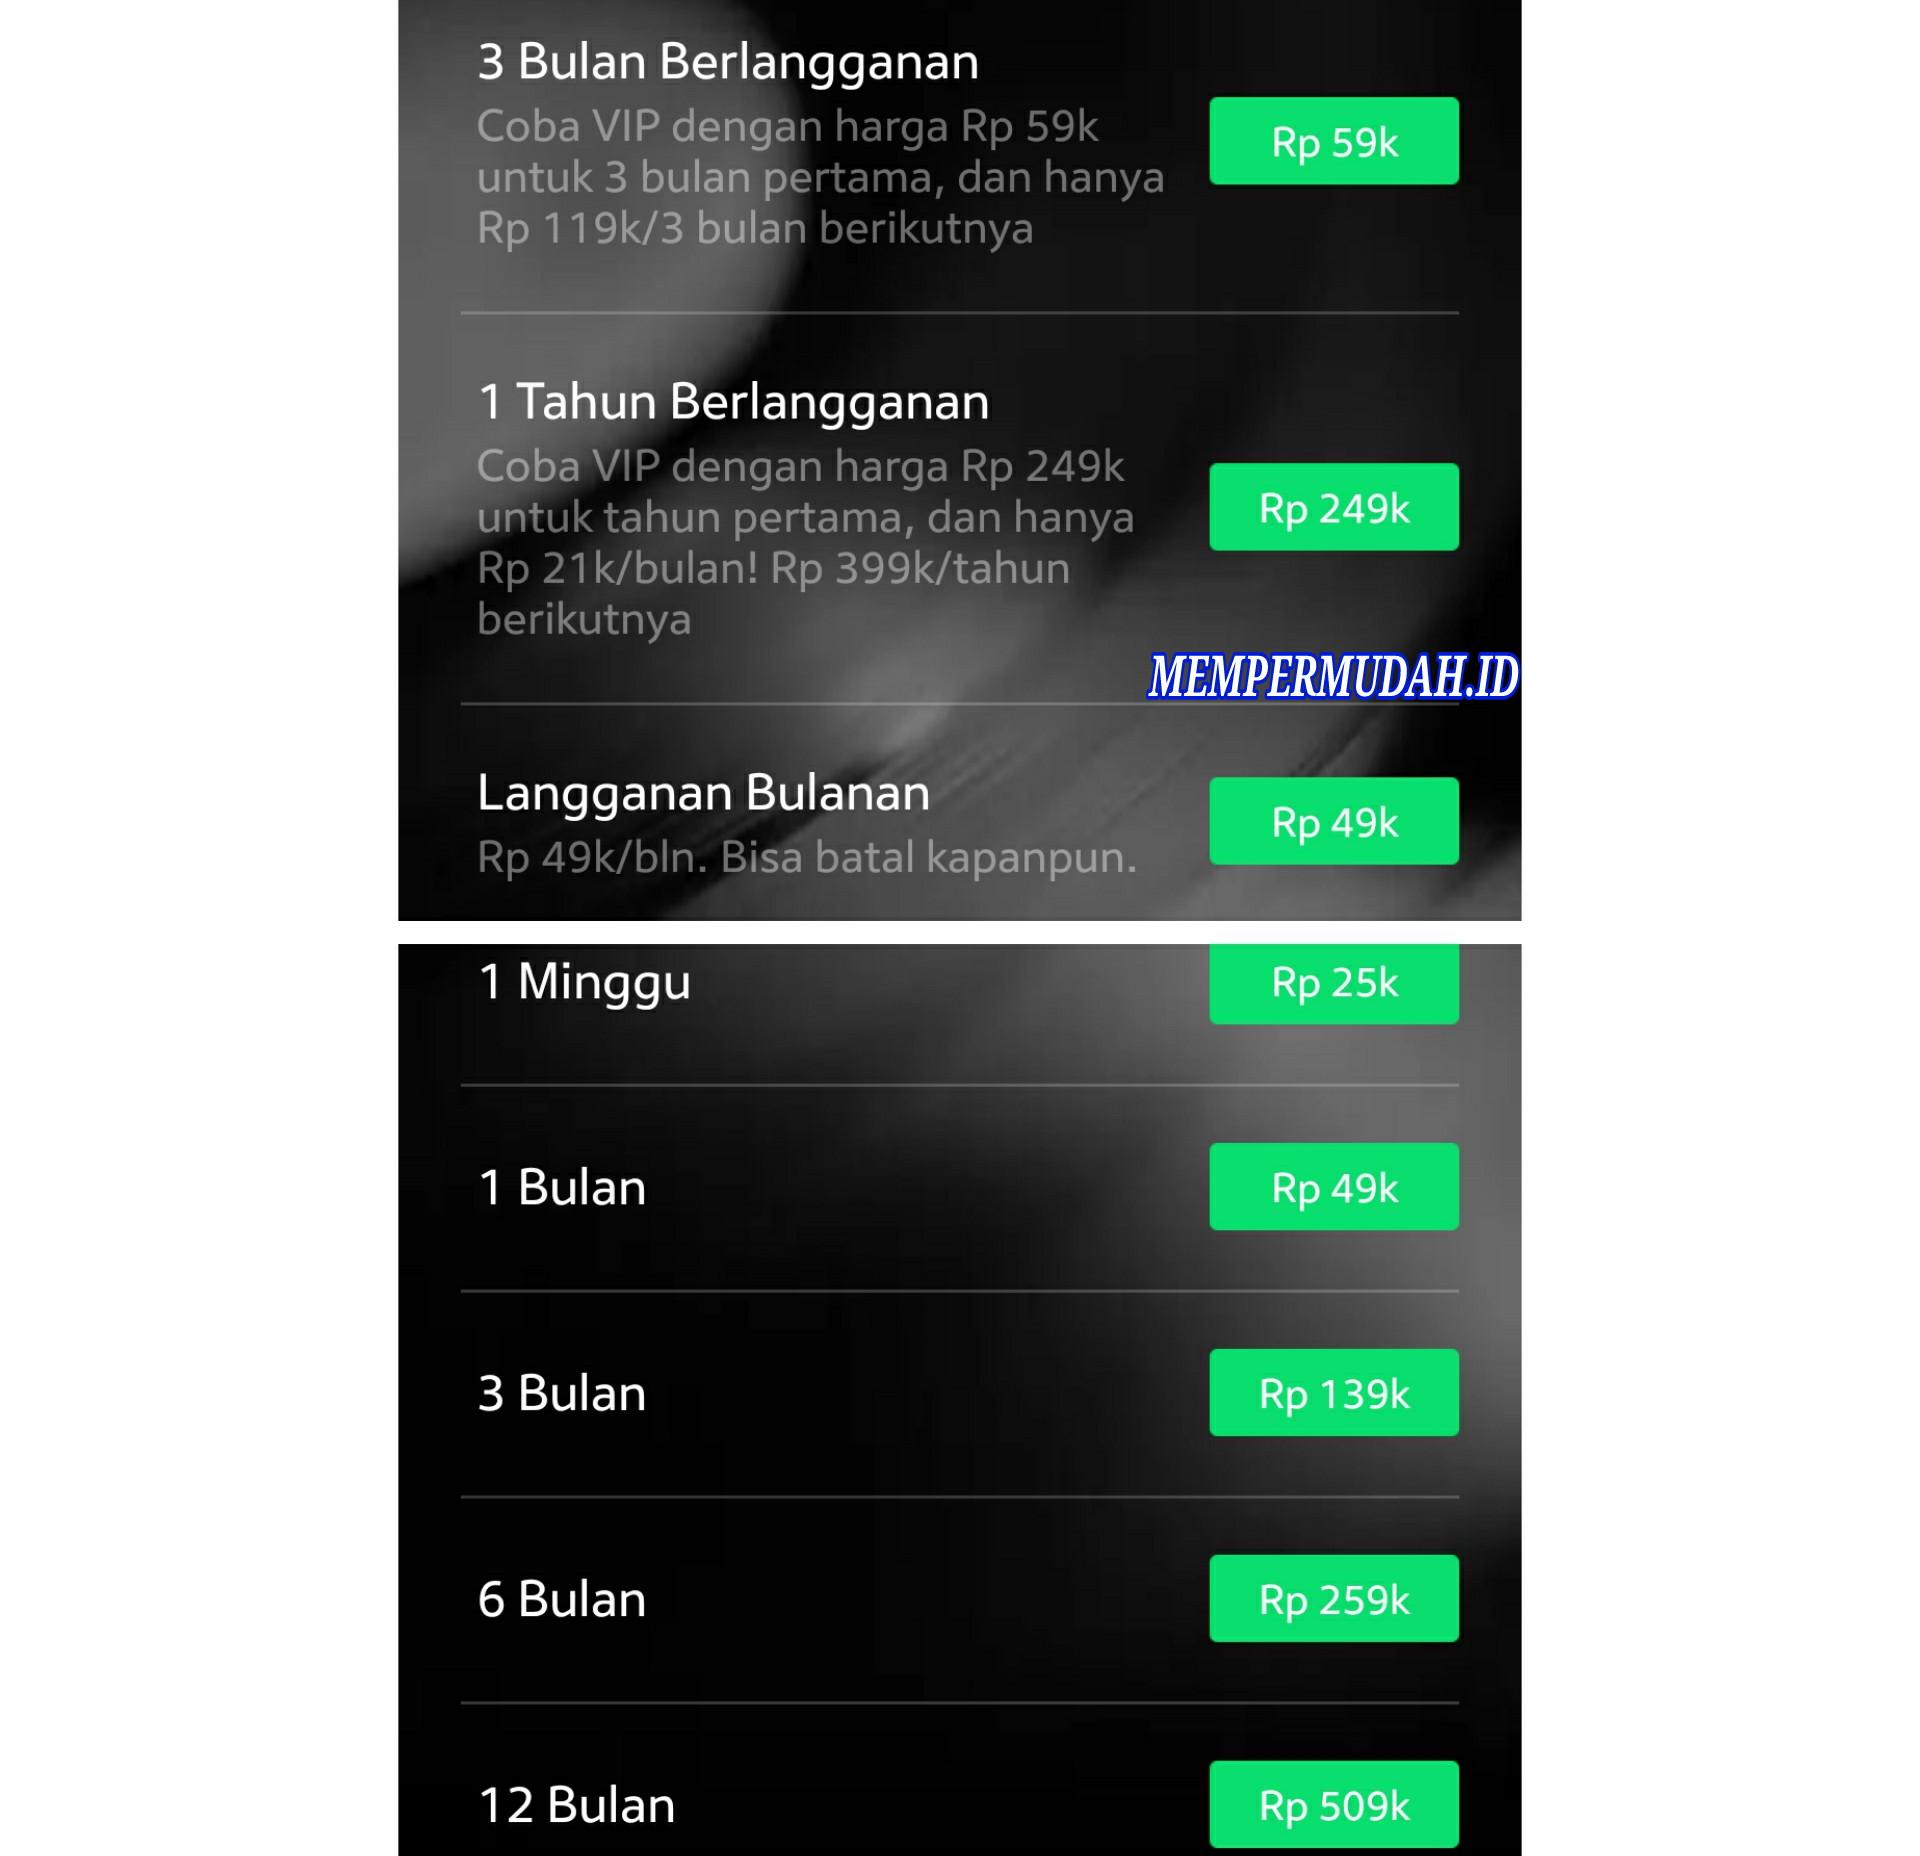 Cara Dapatkan Vip Joox Gratis Tak Terbatas Waktu Di Android Mempermudah Id Mempermudah Id